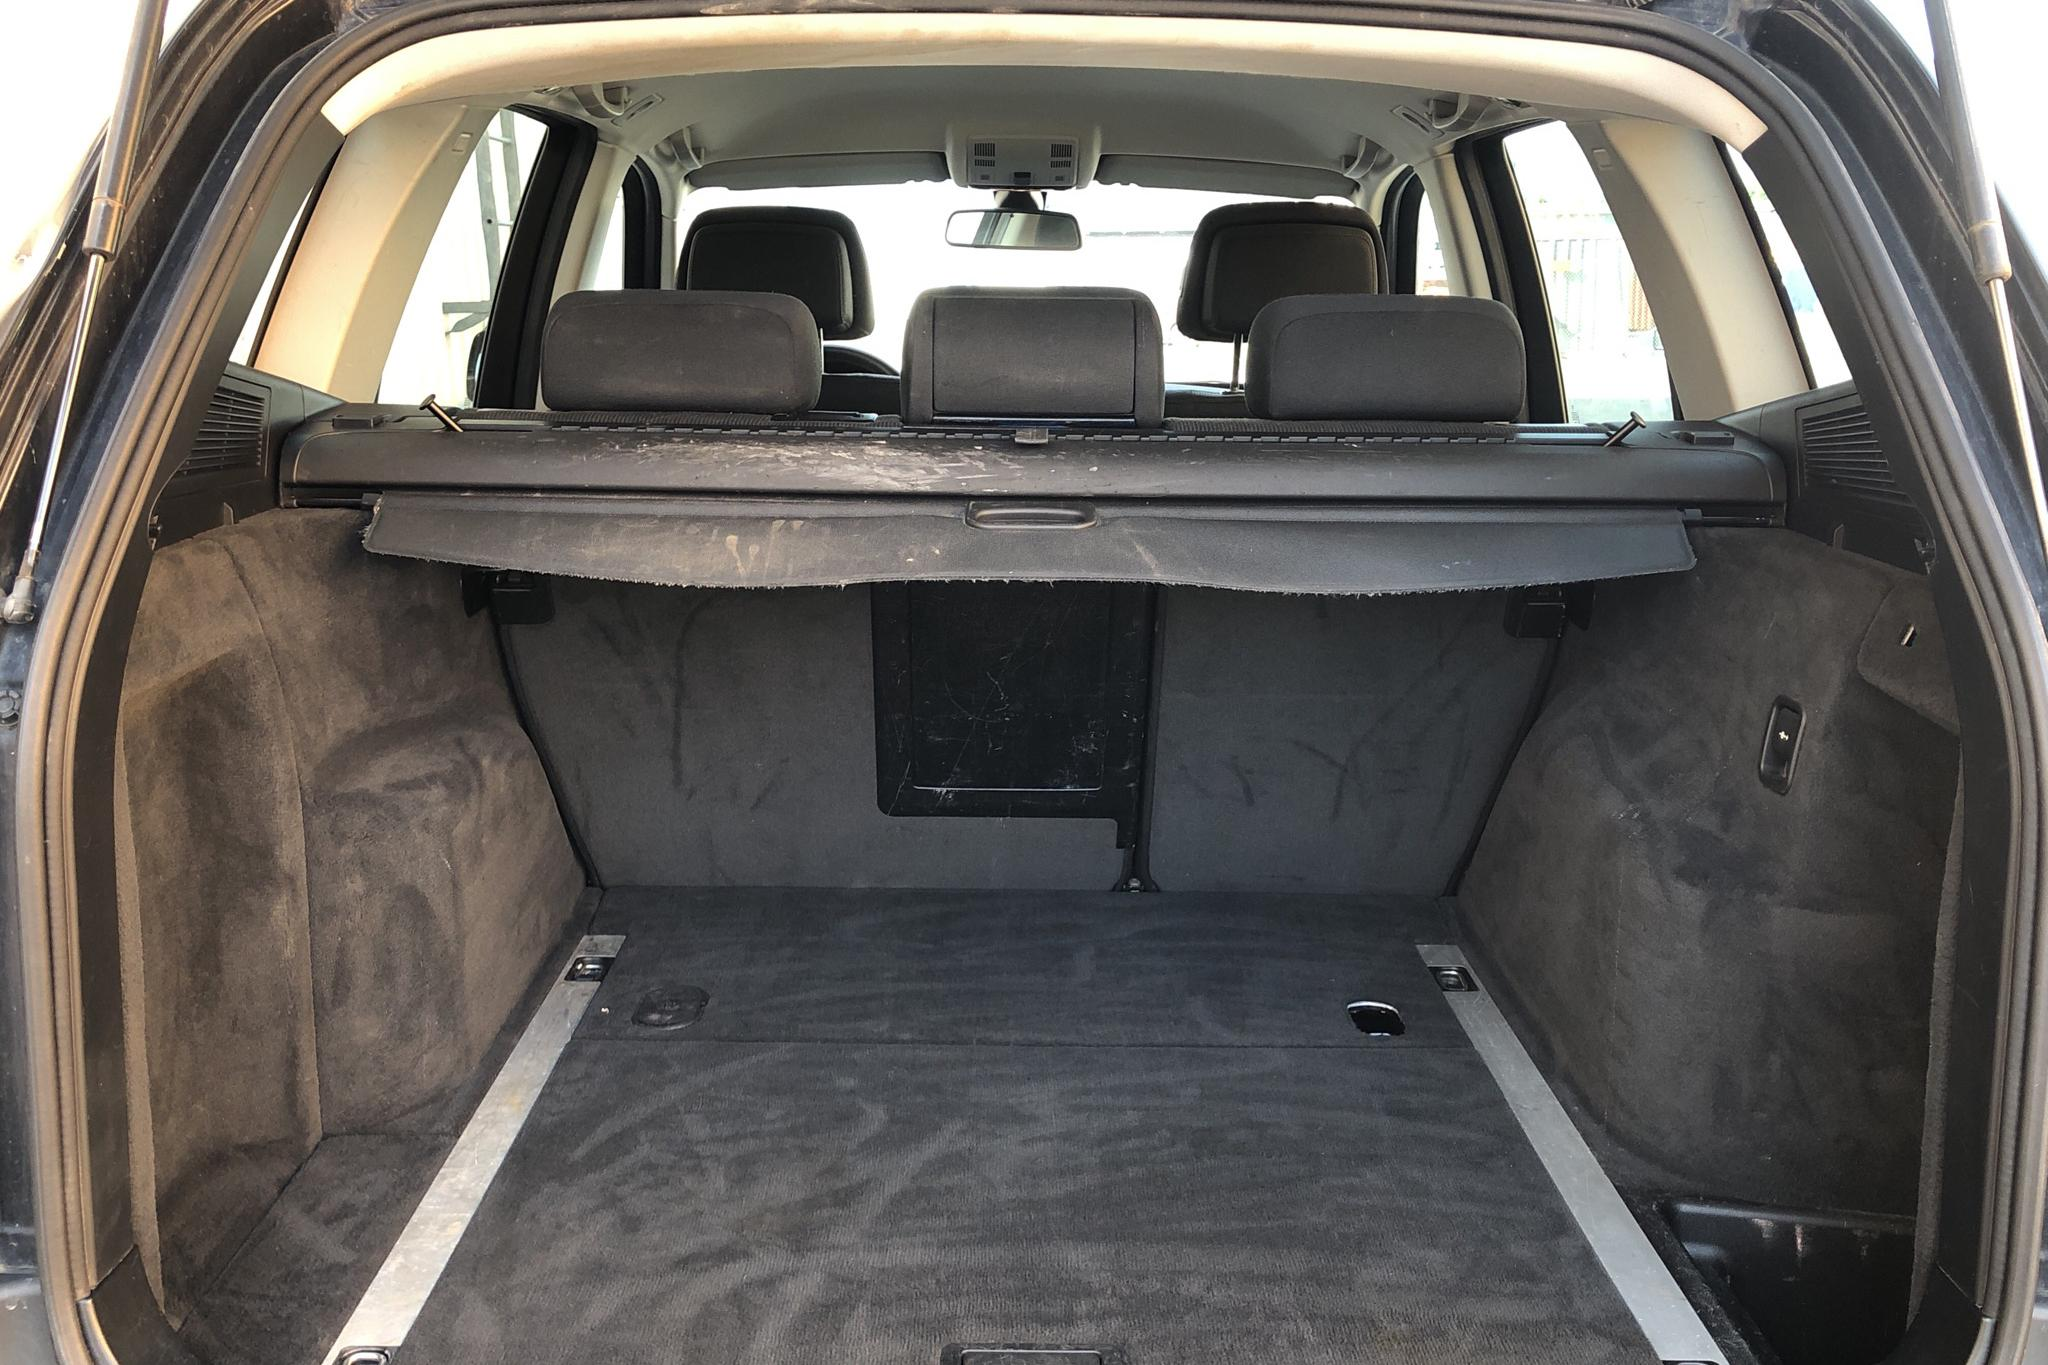 BMW X3 2.0d, E83 (177hk) - 203 360 km - Automatic - black - 2008